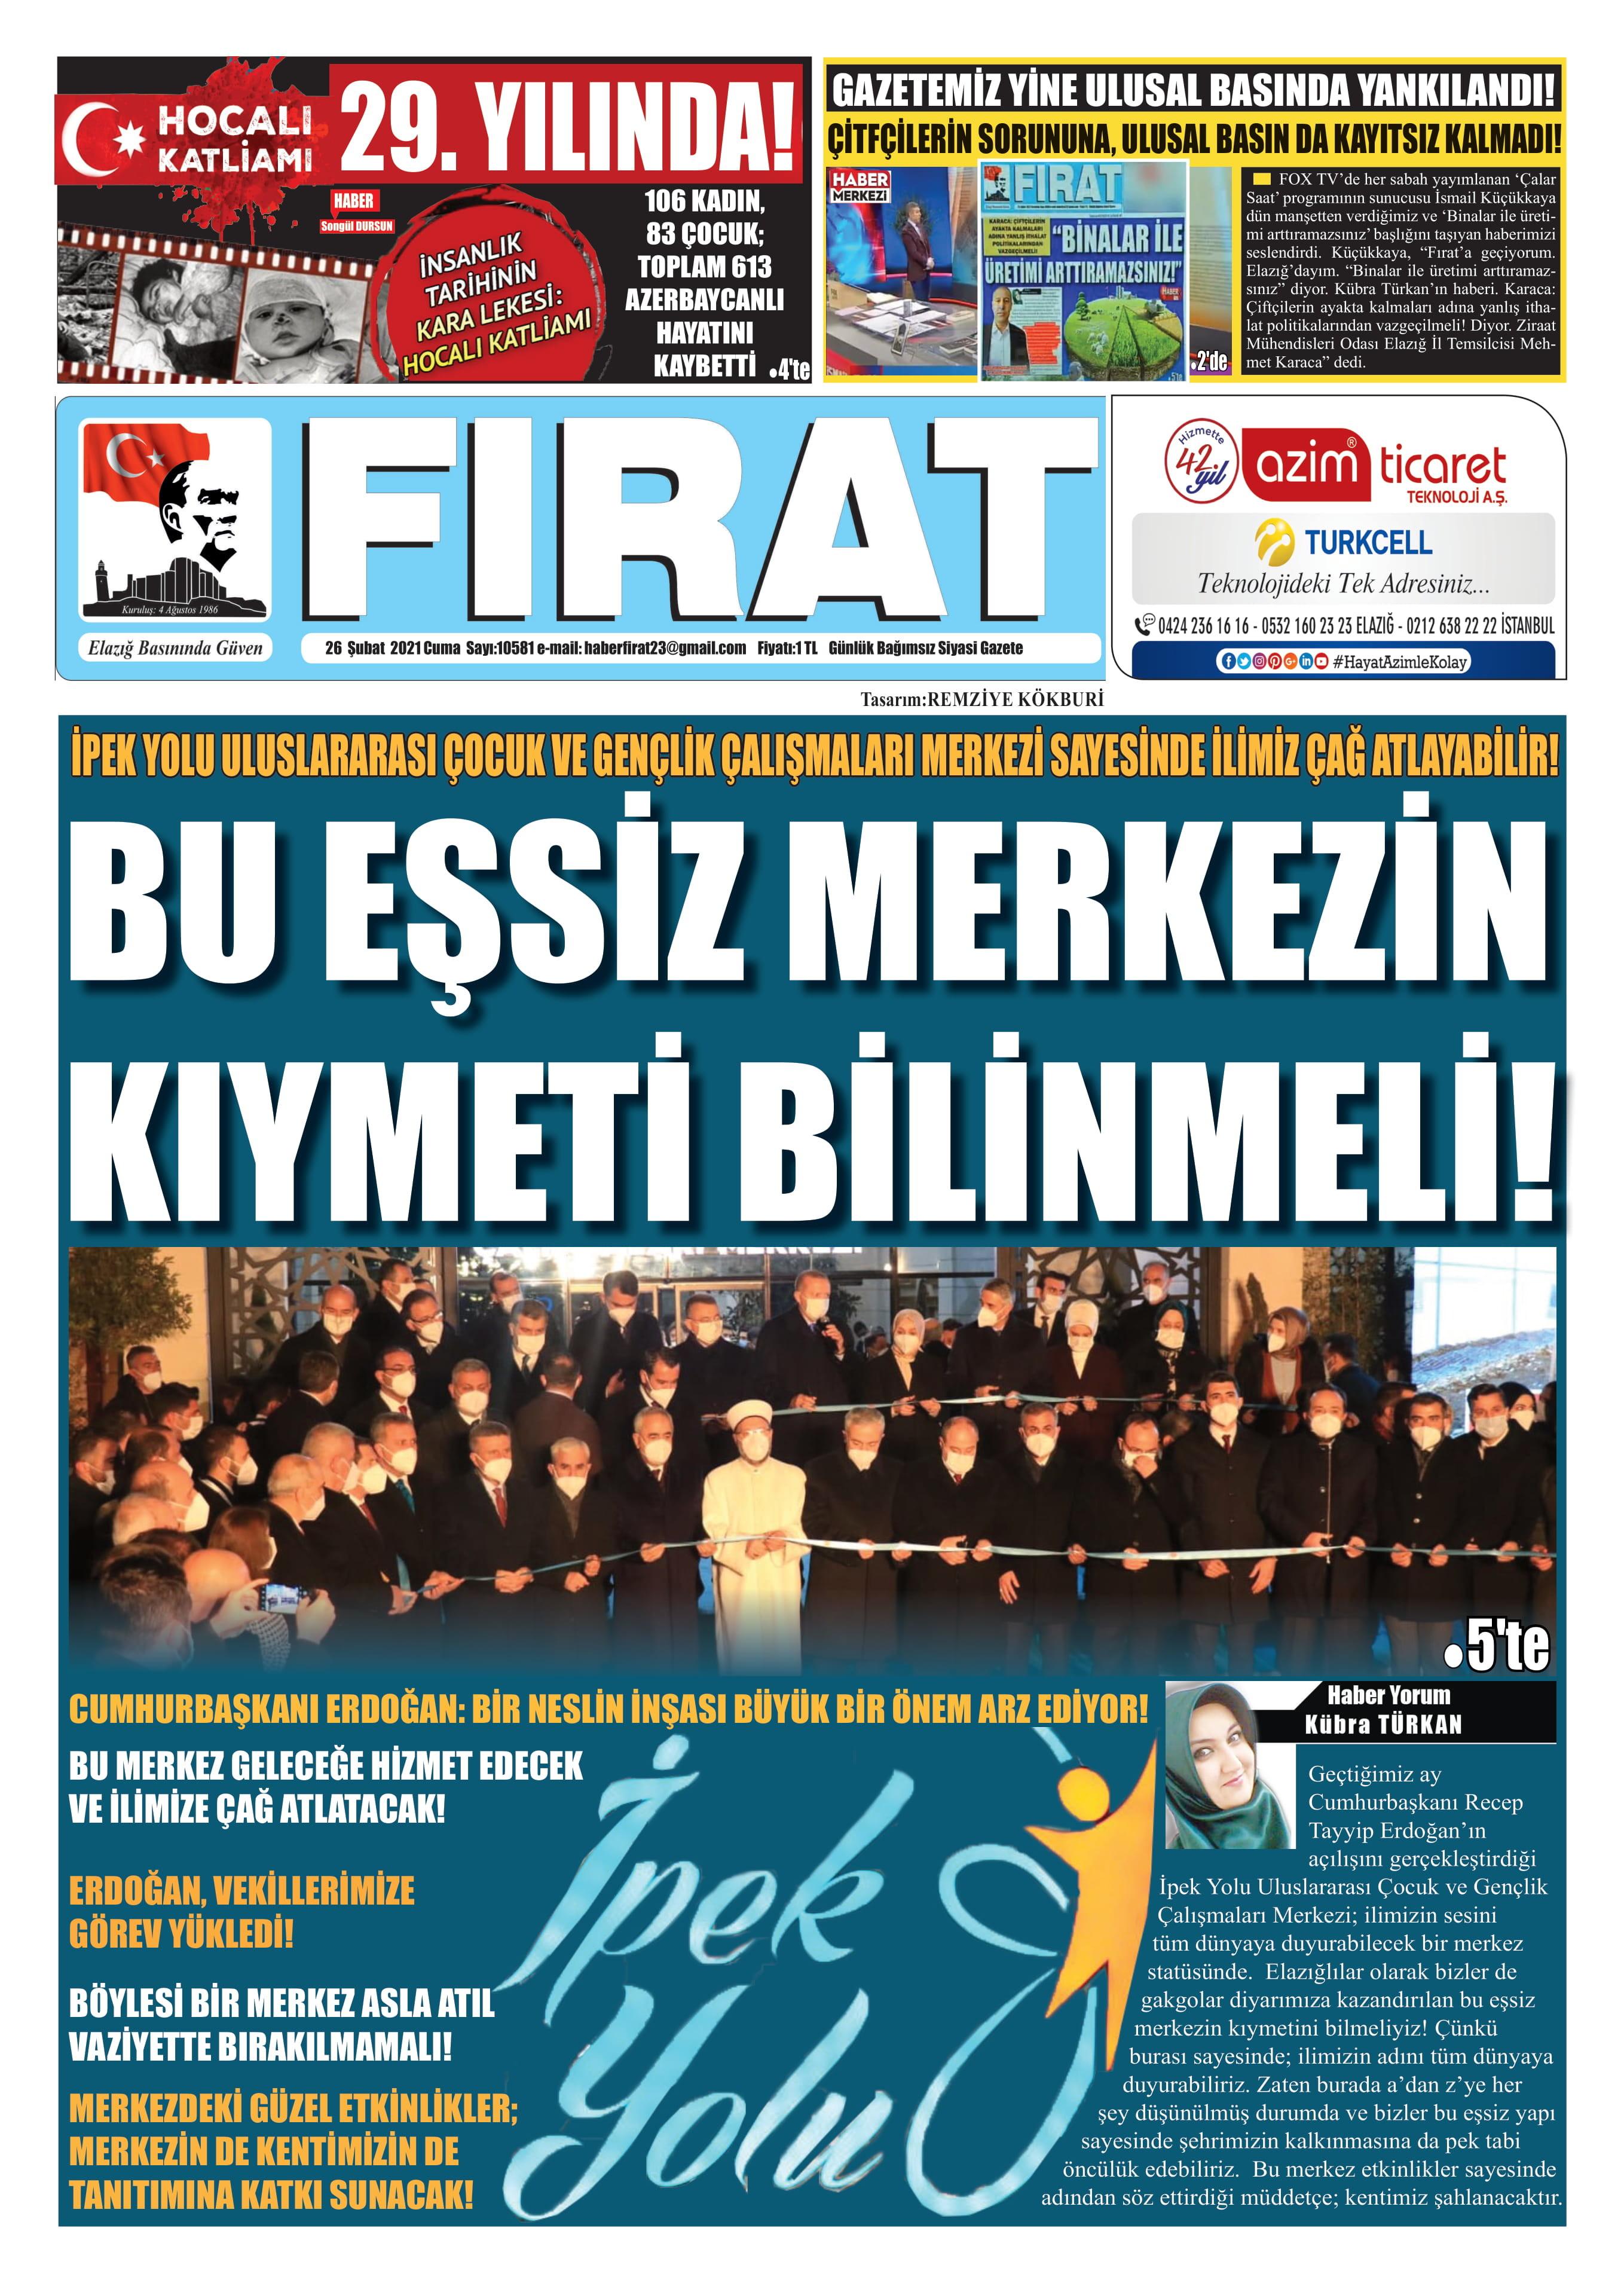 Elazığ Fırat Gazetesi